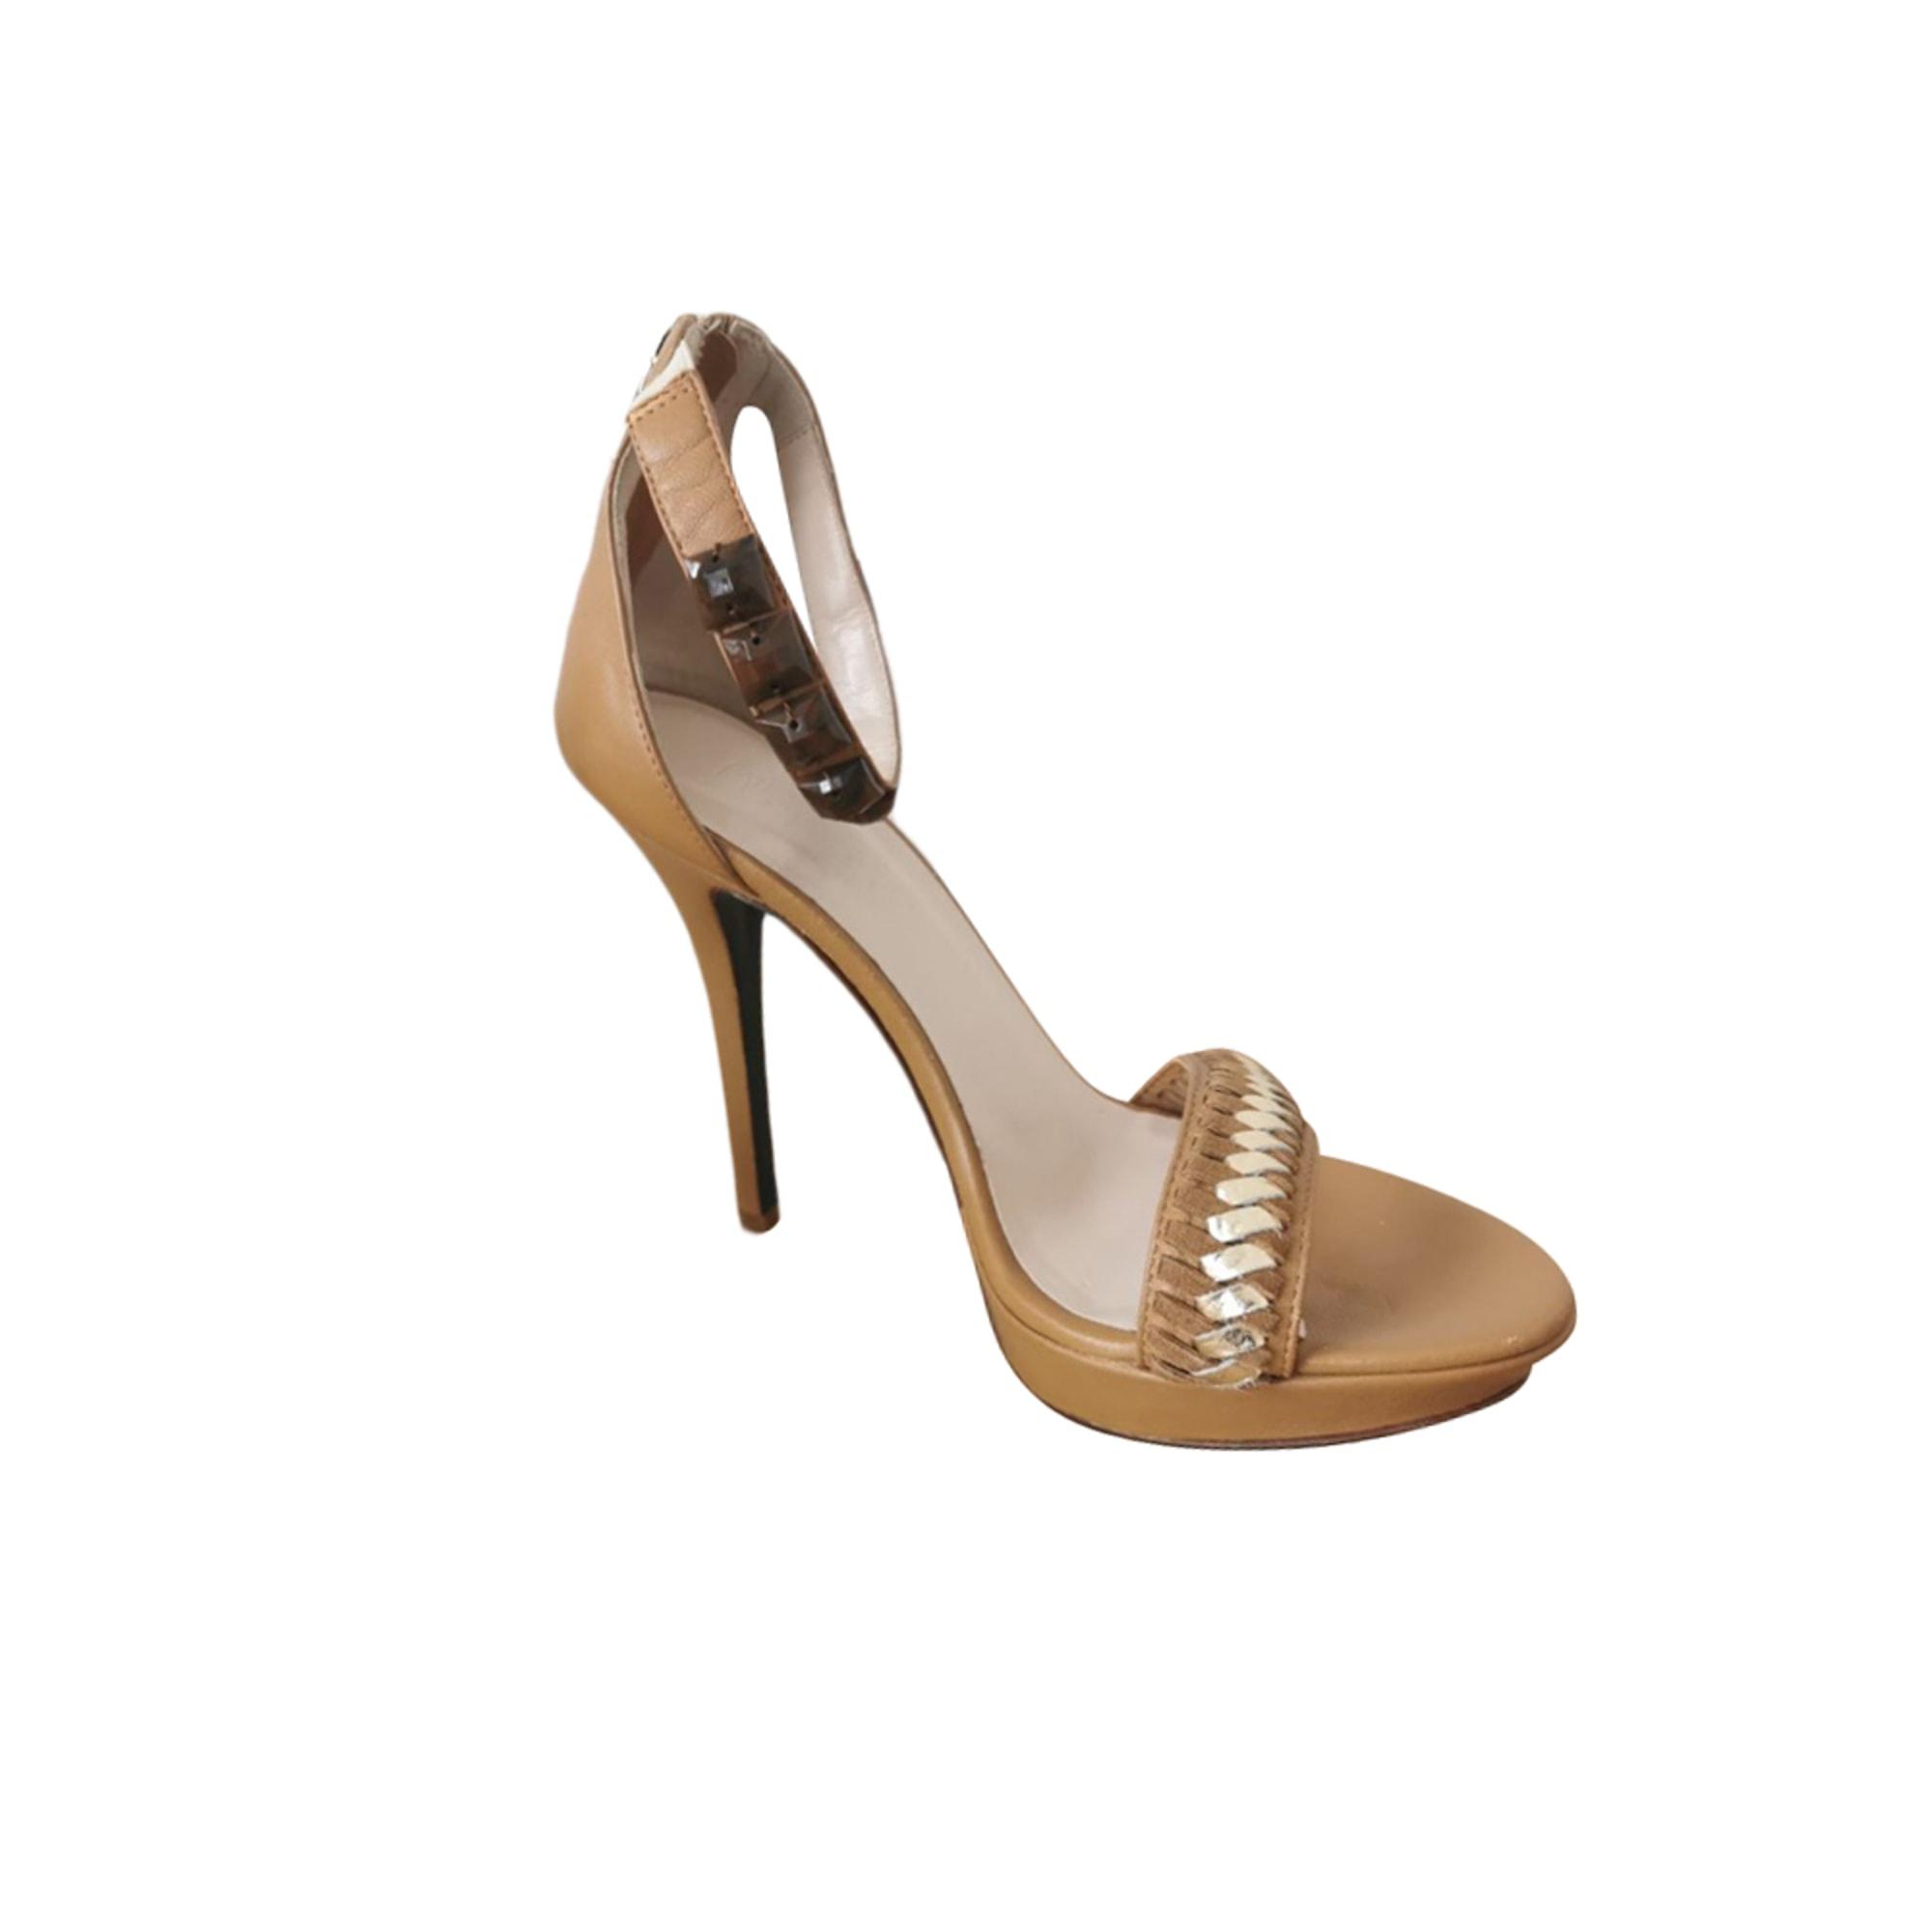 Sandales à talons PATRIZIA PEPE Beige, camel